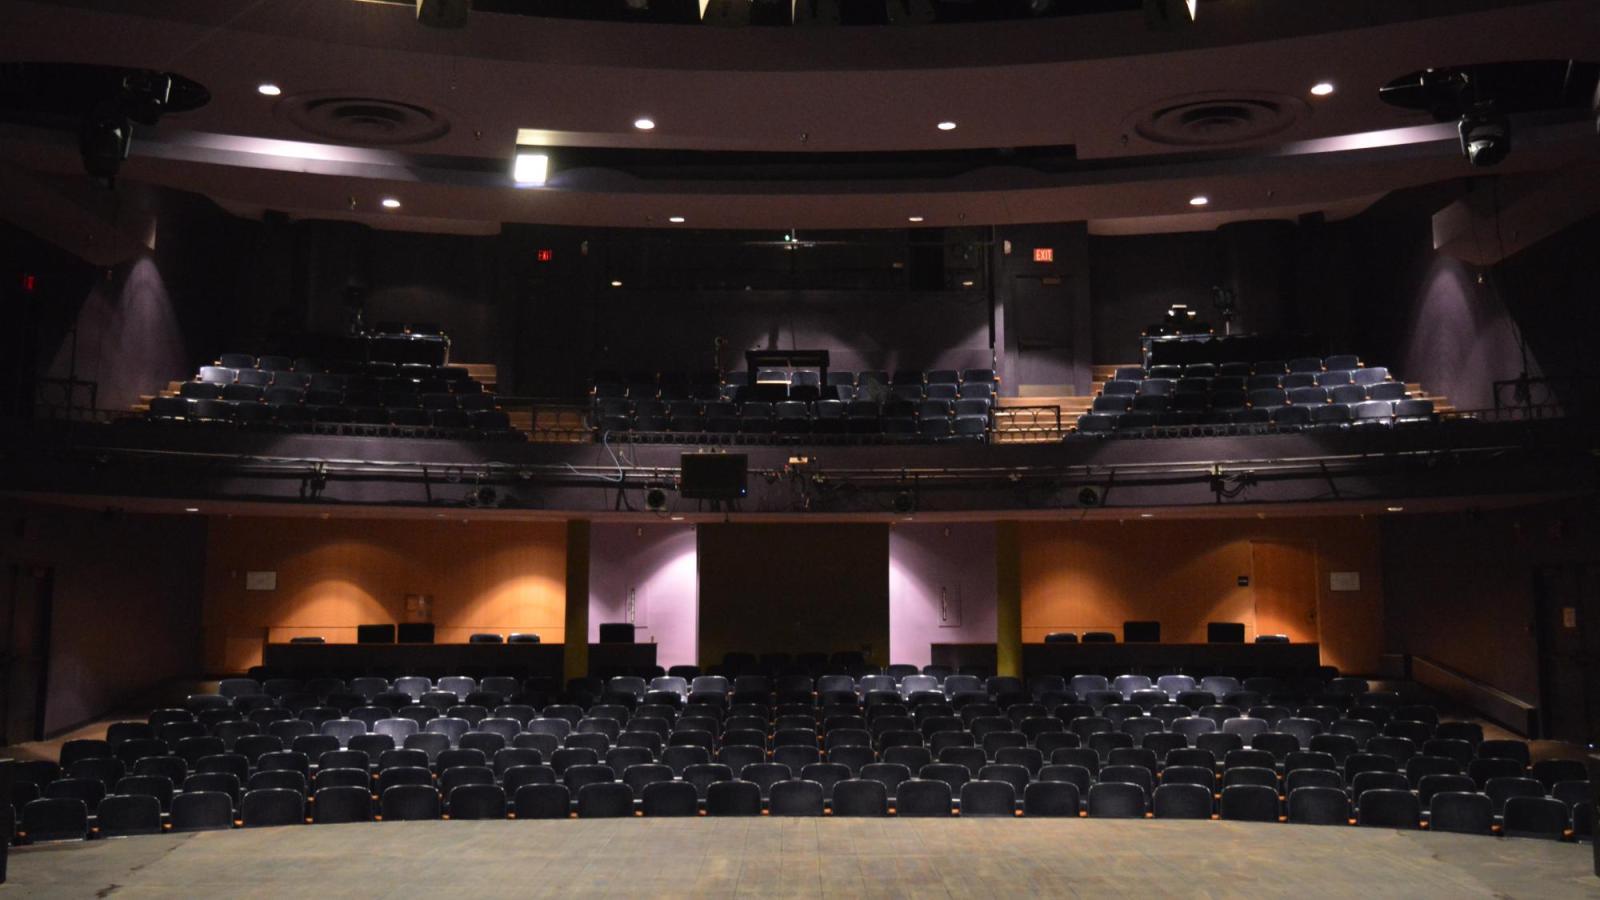 University Theatre stage